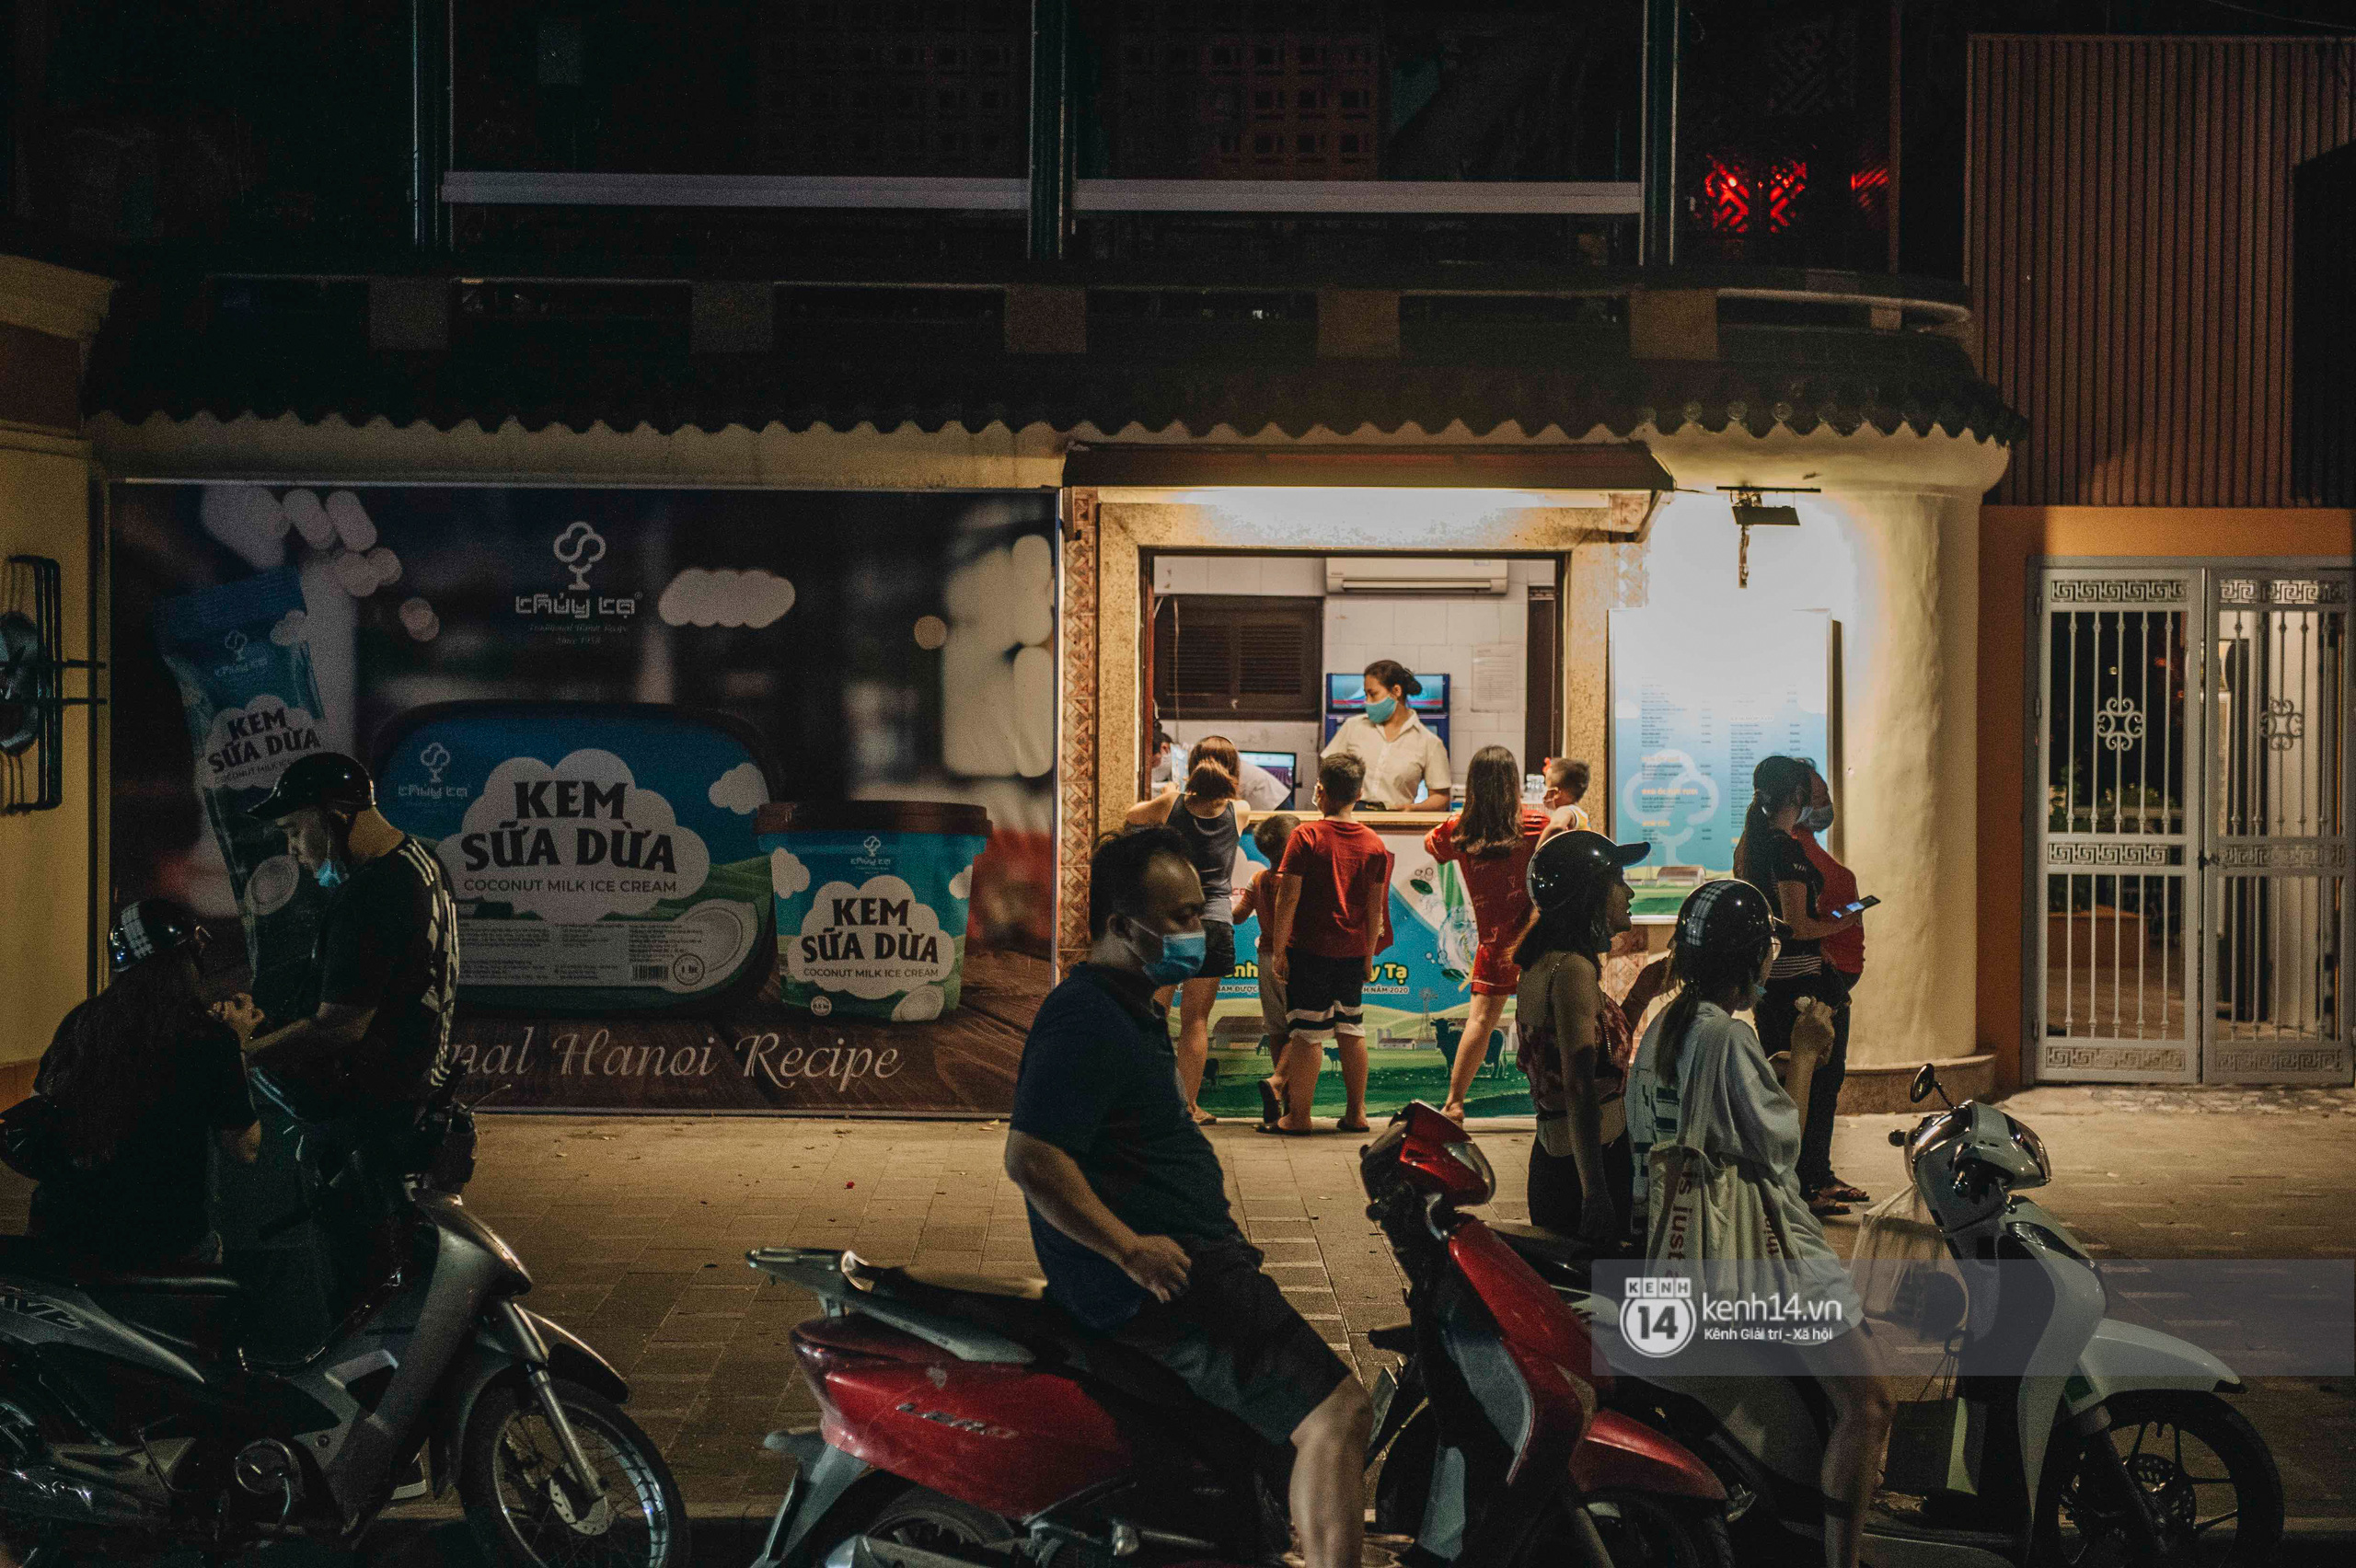 Các khu phố ăn chơi Hà Nội giữa đợt dịch Covid-19 thứ 4: Tạ Hiện vắng vẻ đến ảm đạm, nơi khác lại đông đúc không ngờ - Ảnh 4.